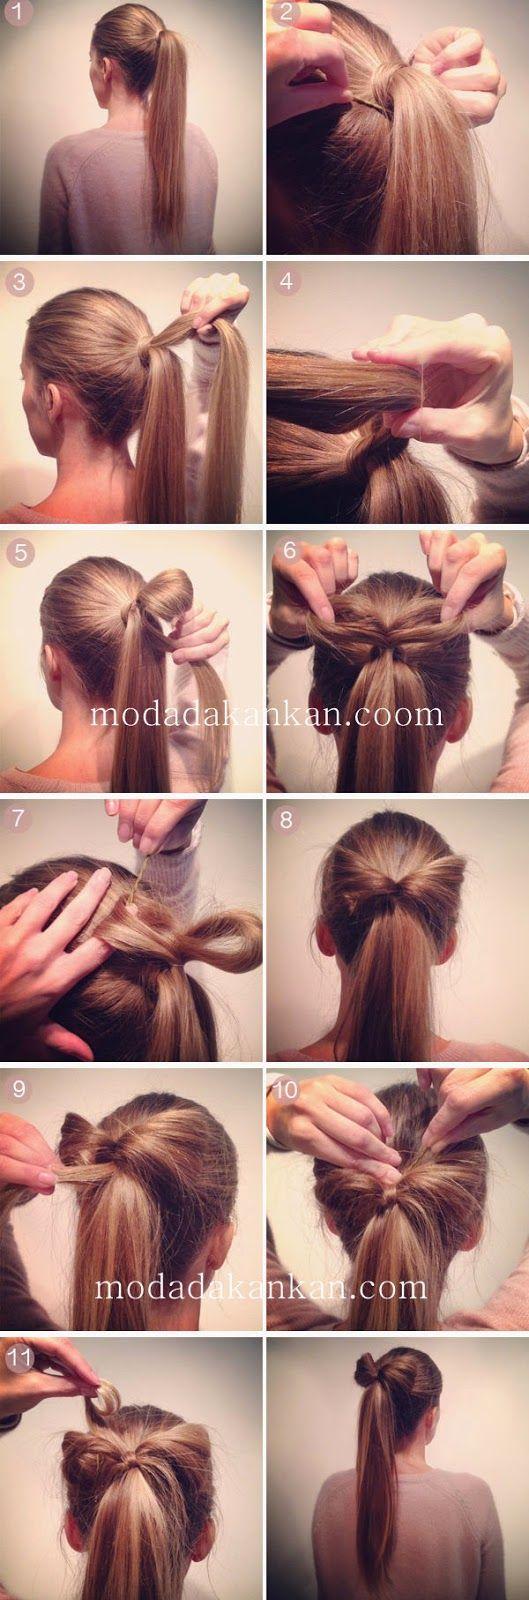 2015 Şık Saç Modelleri ve Yapımı